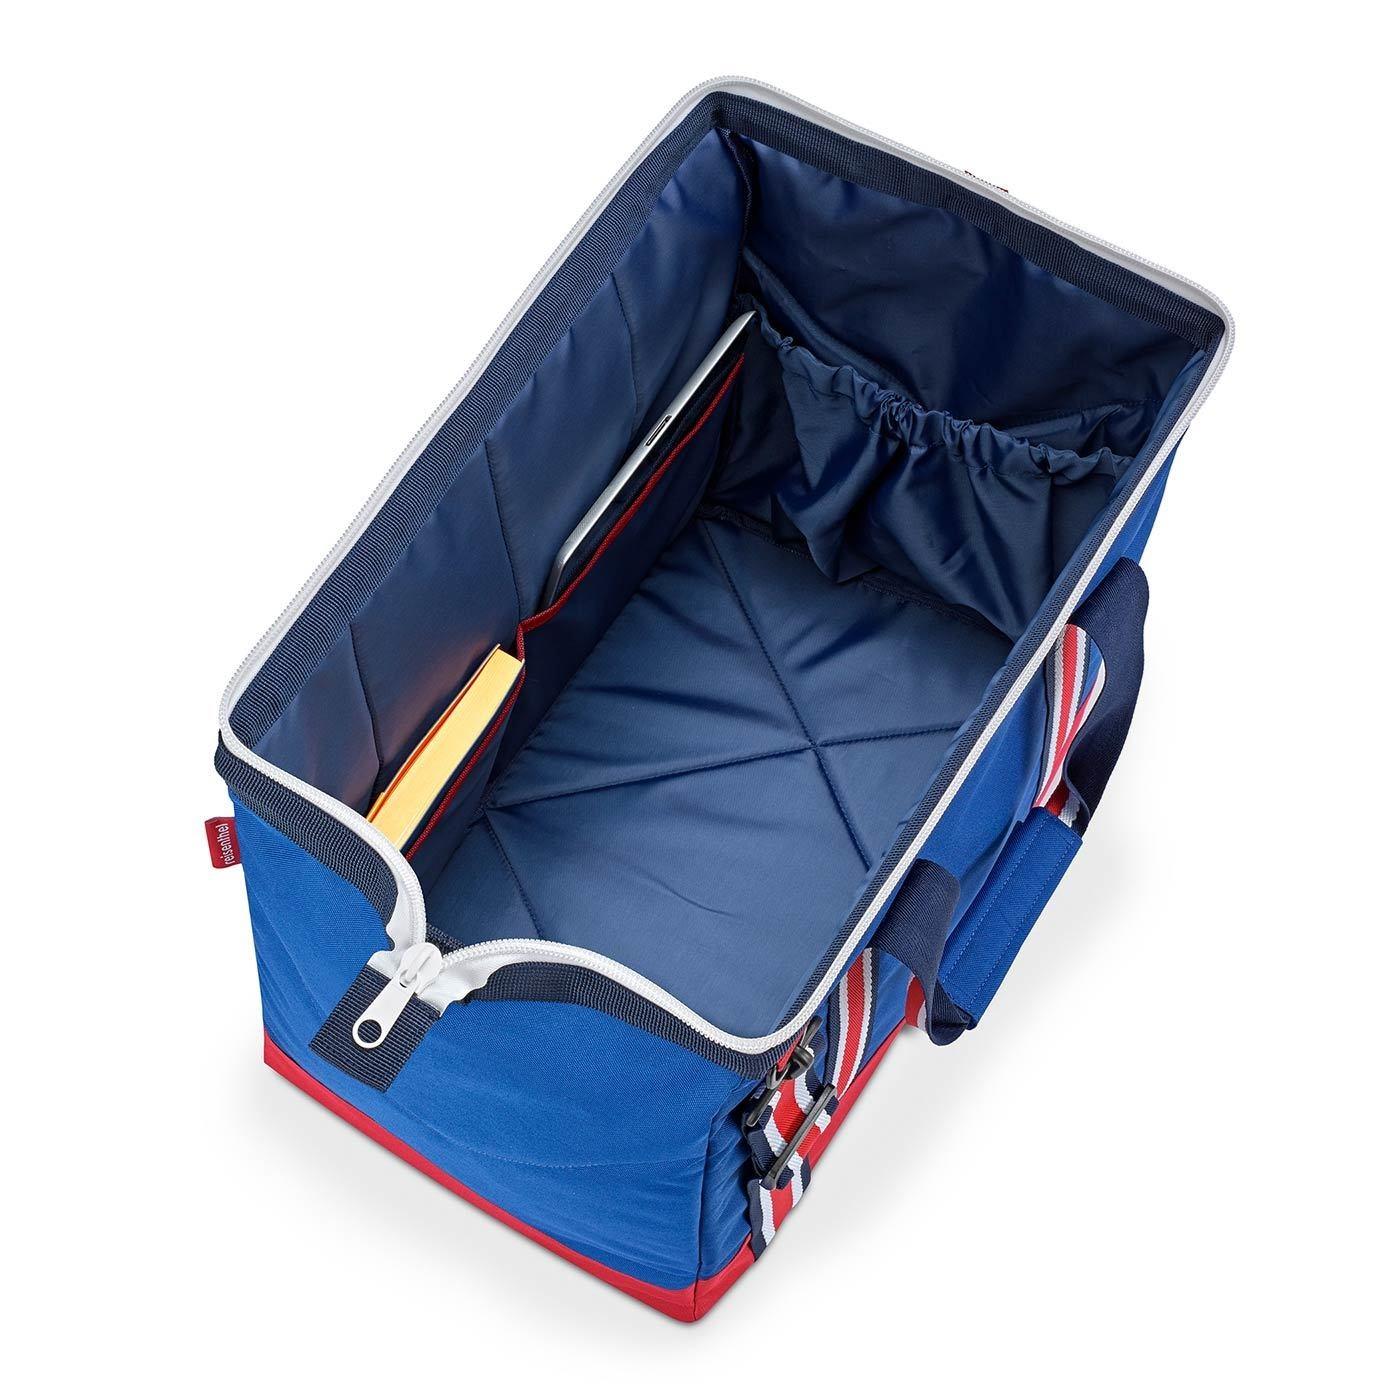 Cestovní taška Allrounder L special edition nautic_0